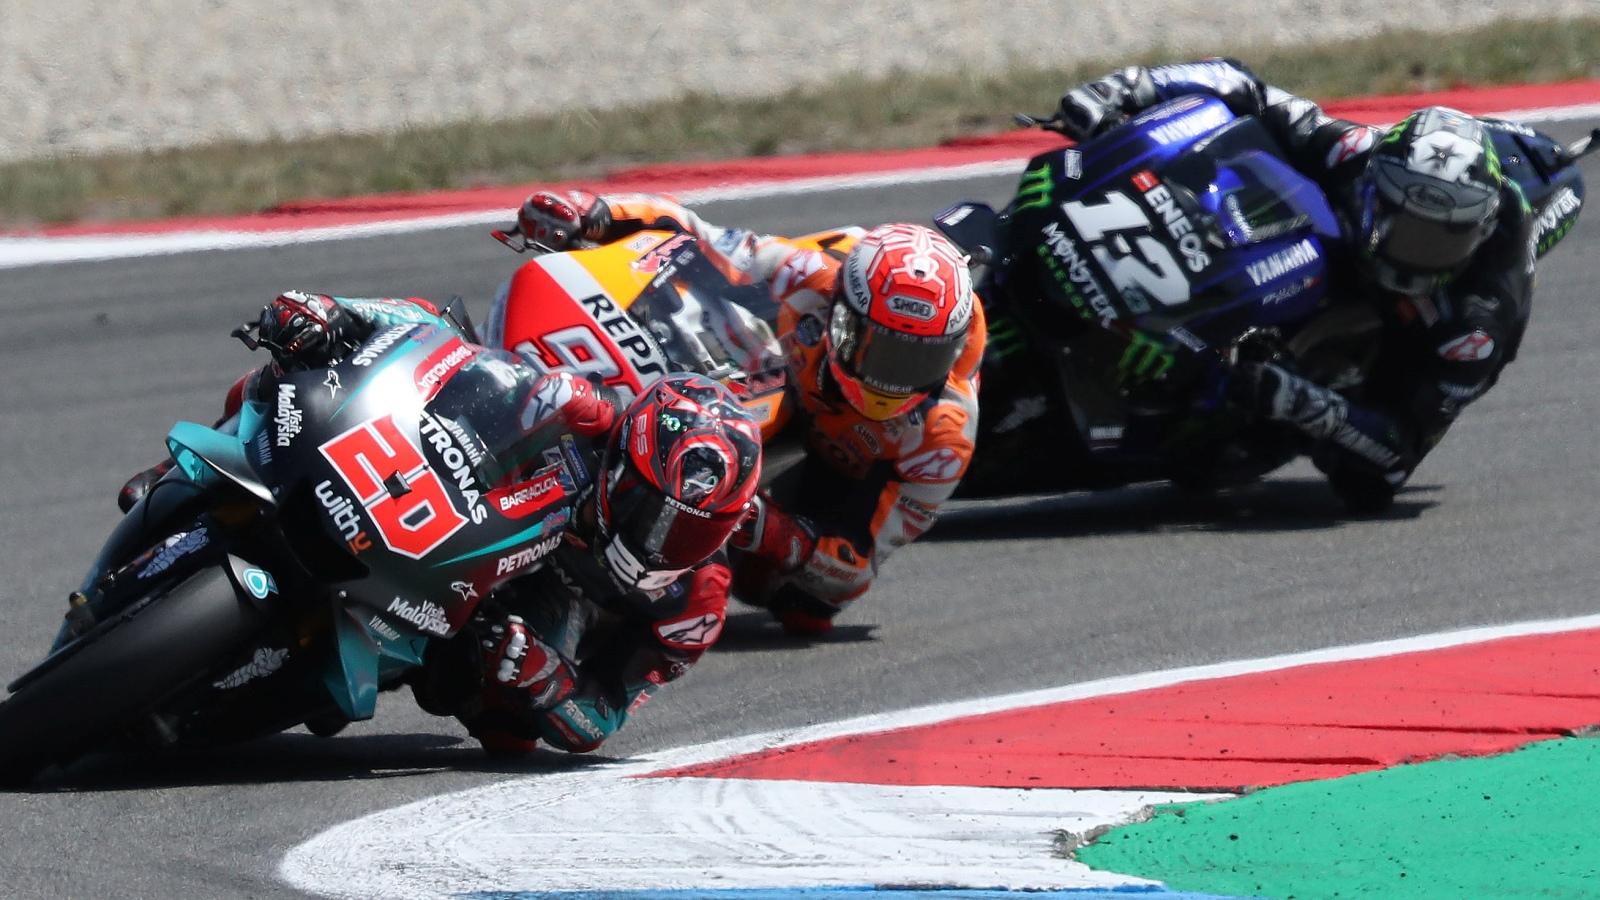 Píldoras MotoGP Assen 2019: Maldición rota, ascensor al cielo y los felices 20